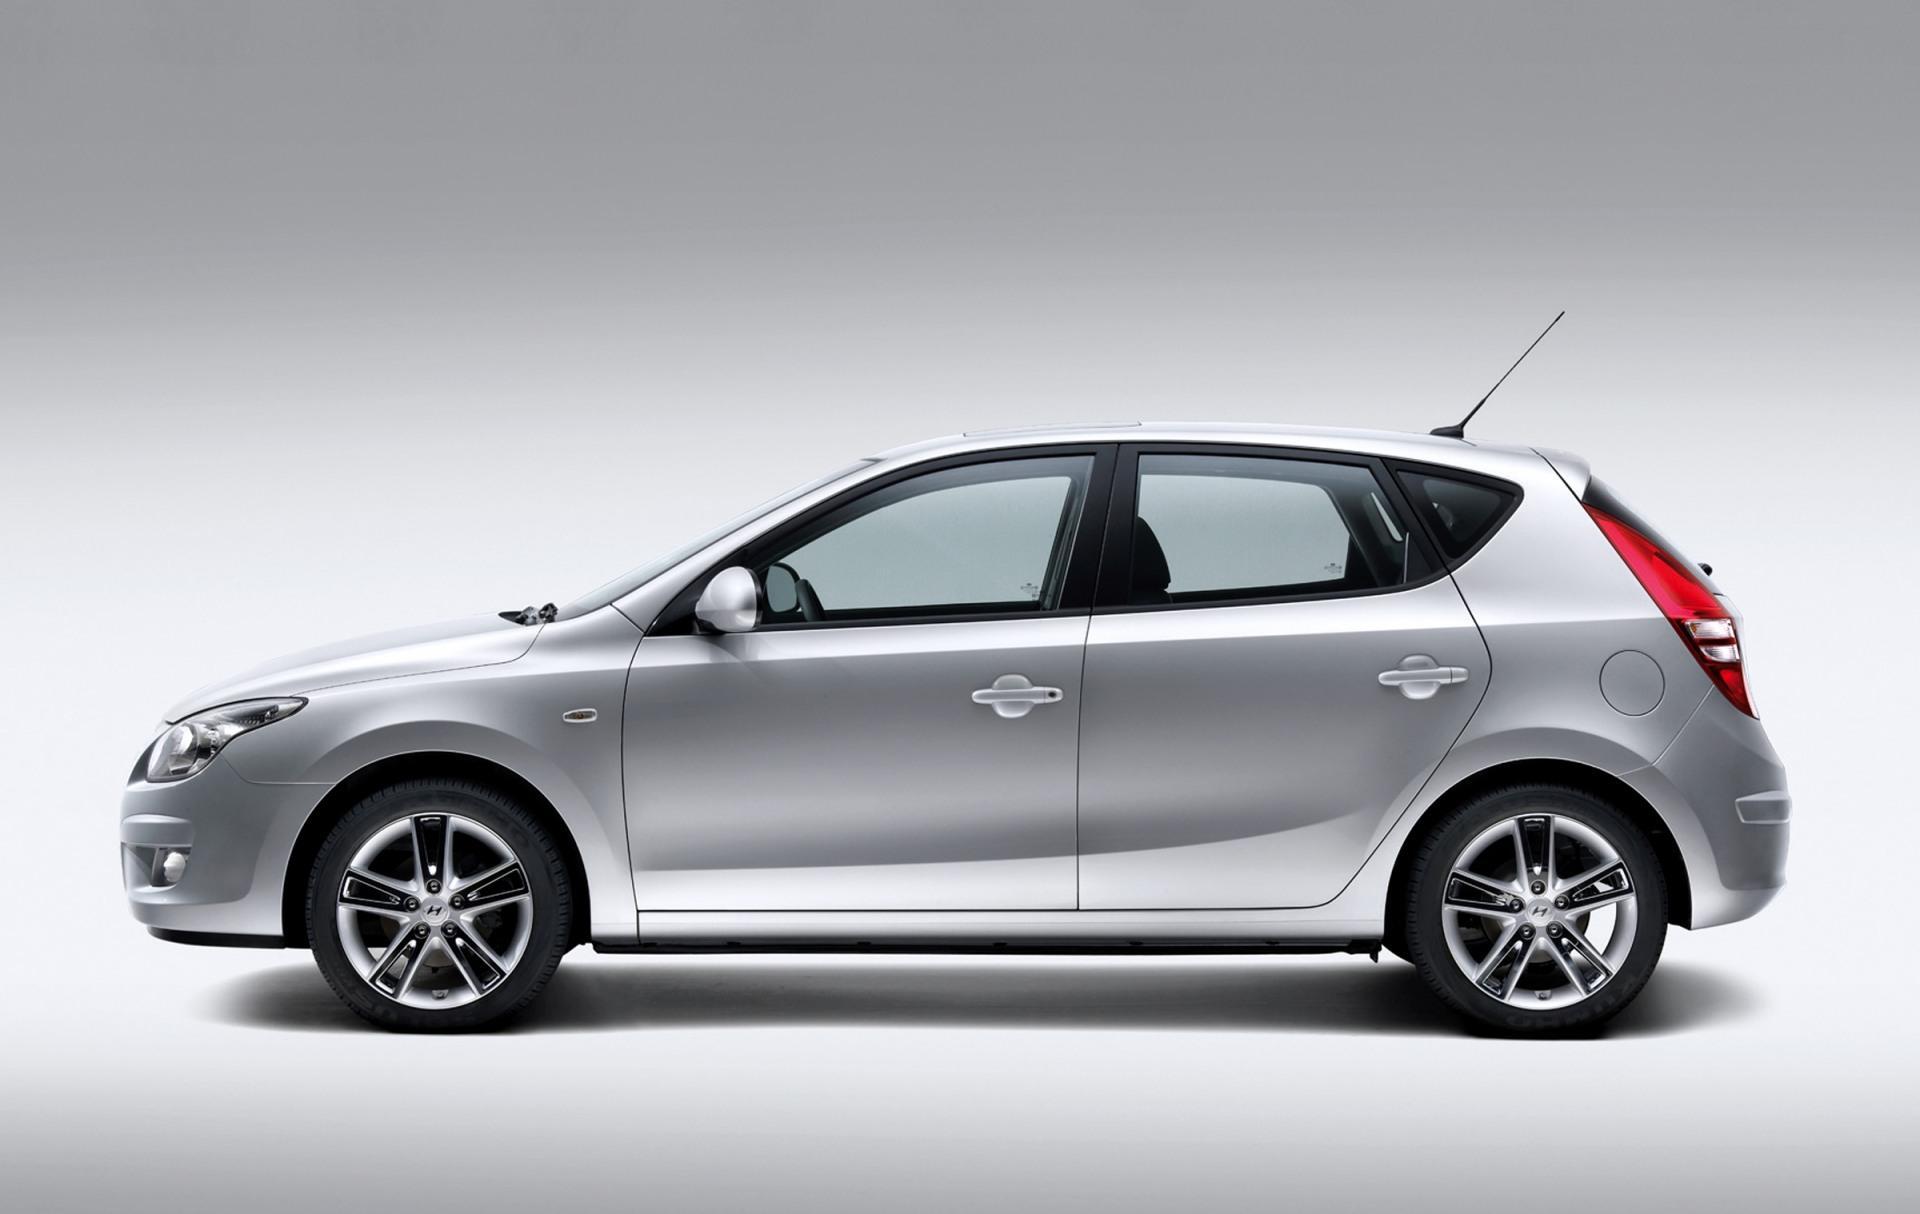 2011 Hyundai i30 News and Information | conceptcarz com